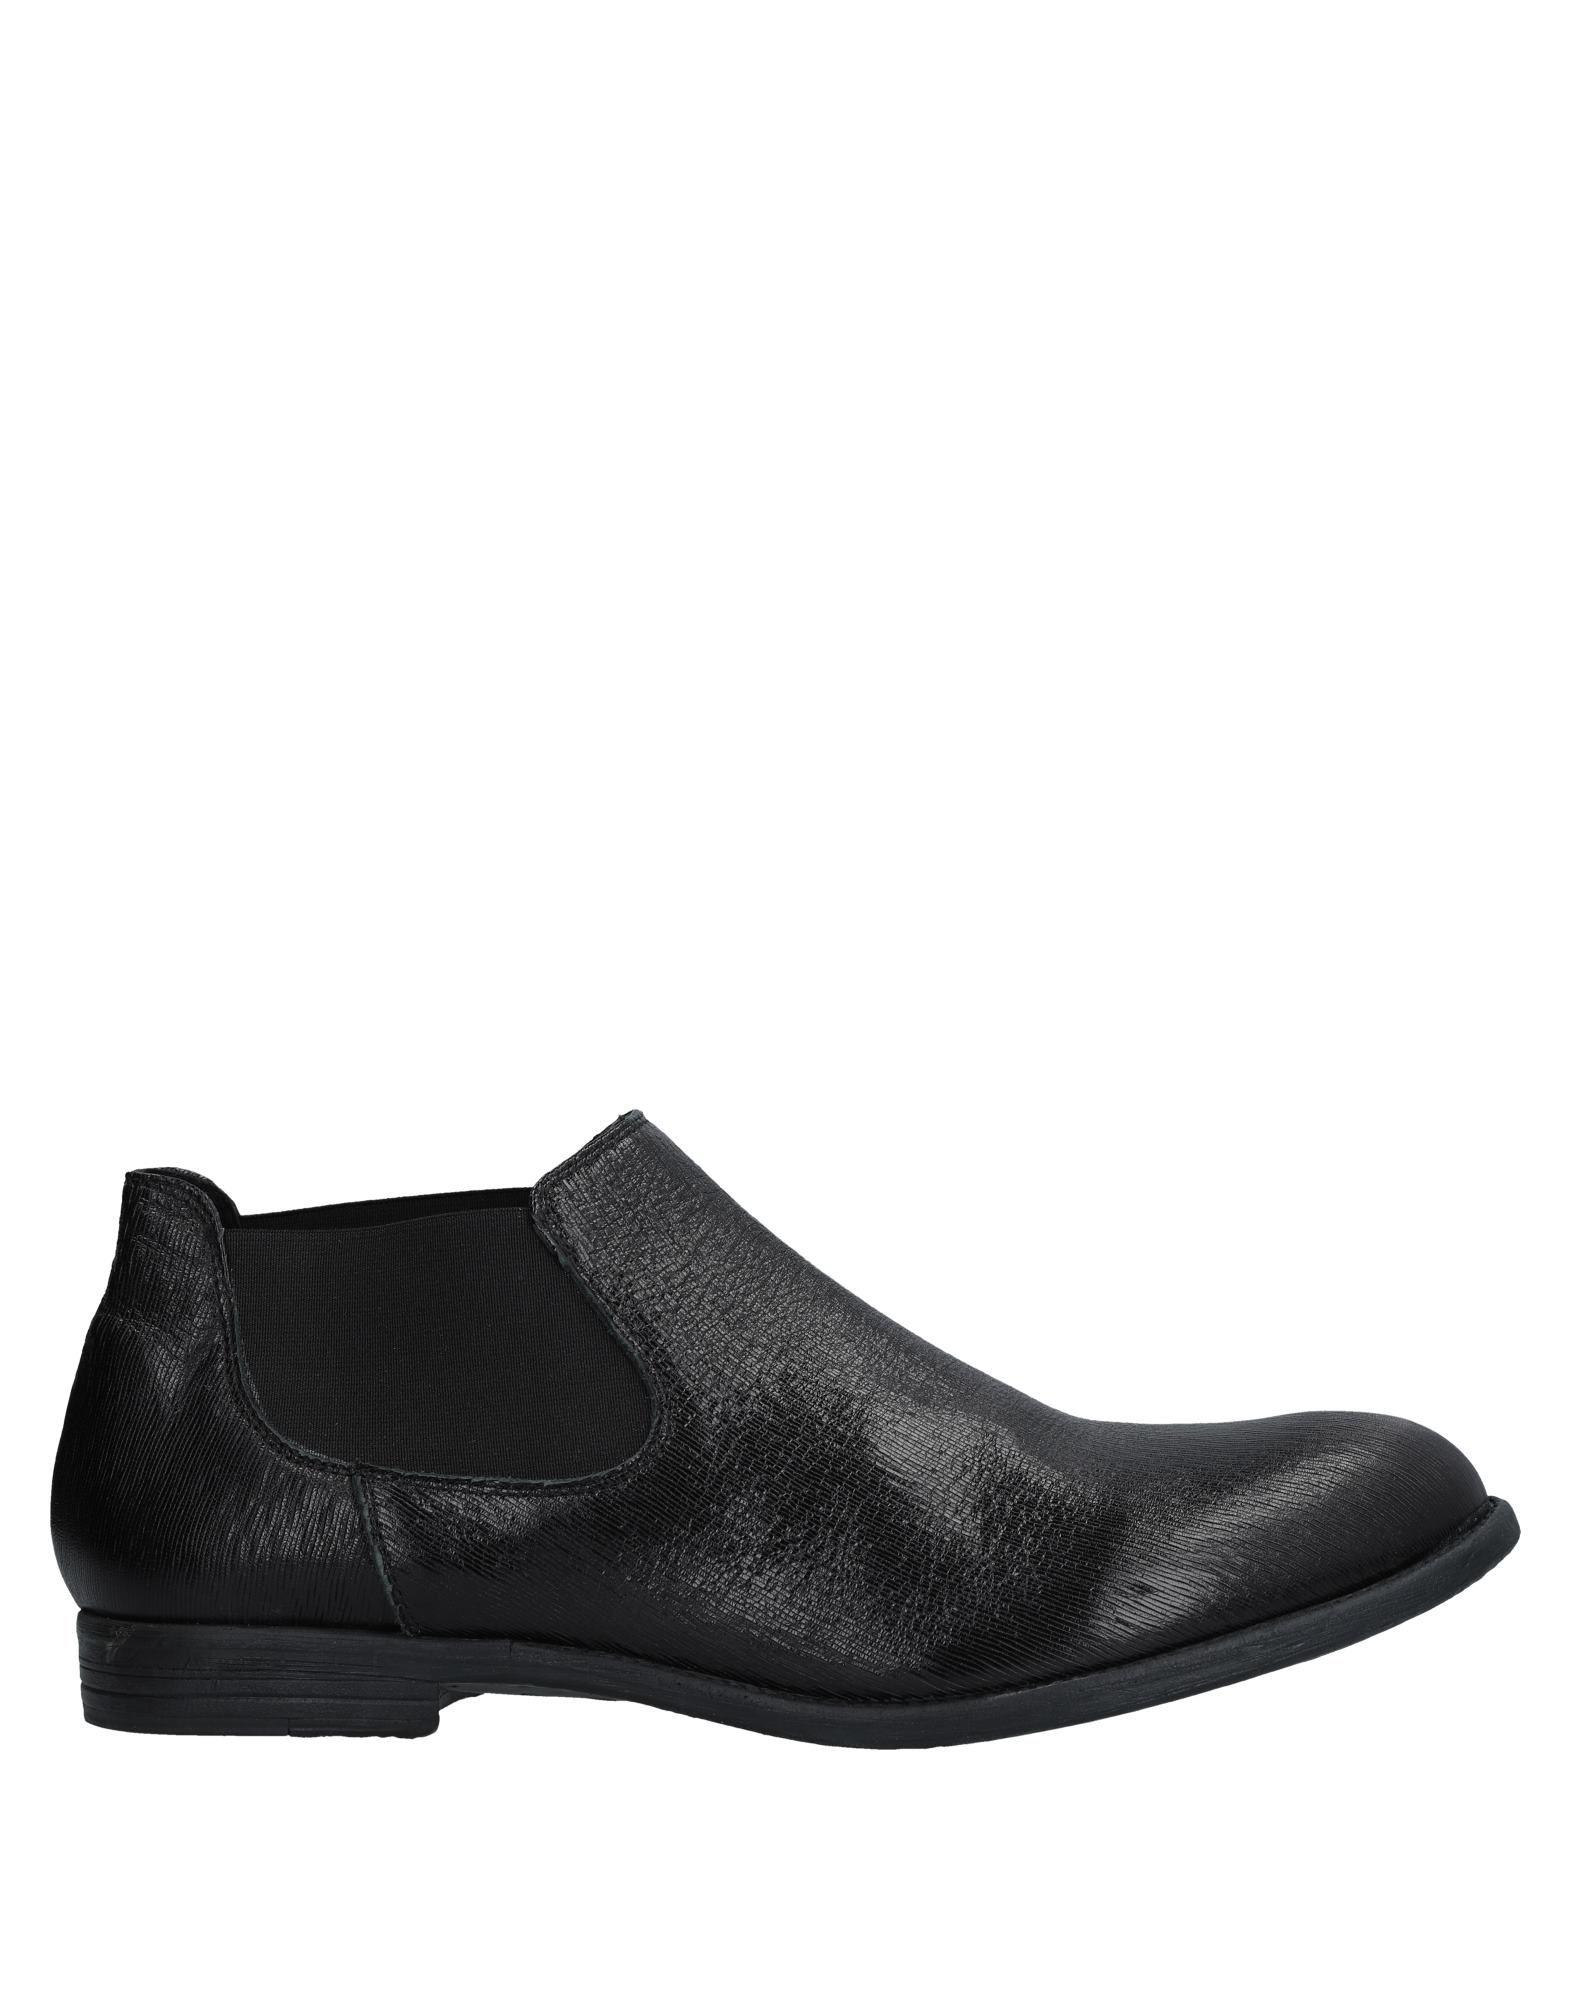 Rabatt echte Schuhe Herren Officina 36 Stiefelette Herren Schuhe  11540387FU f39b4b